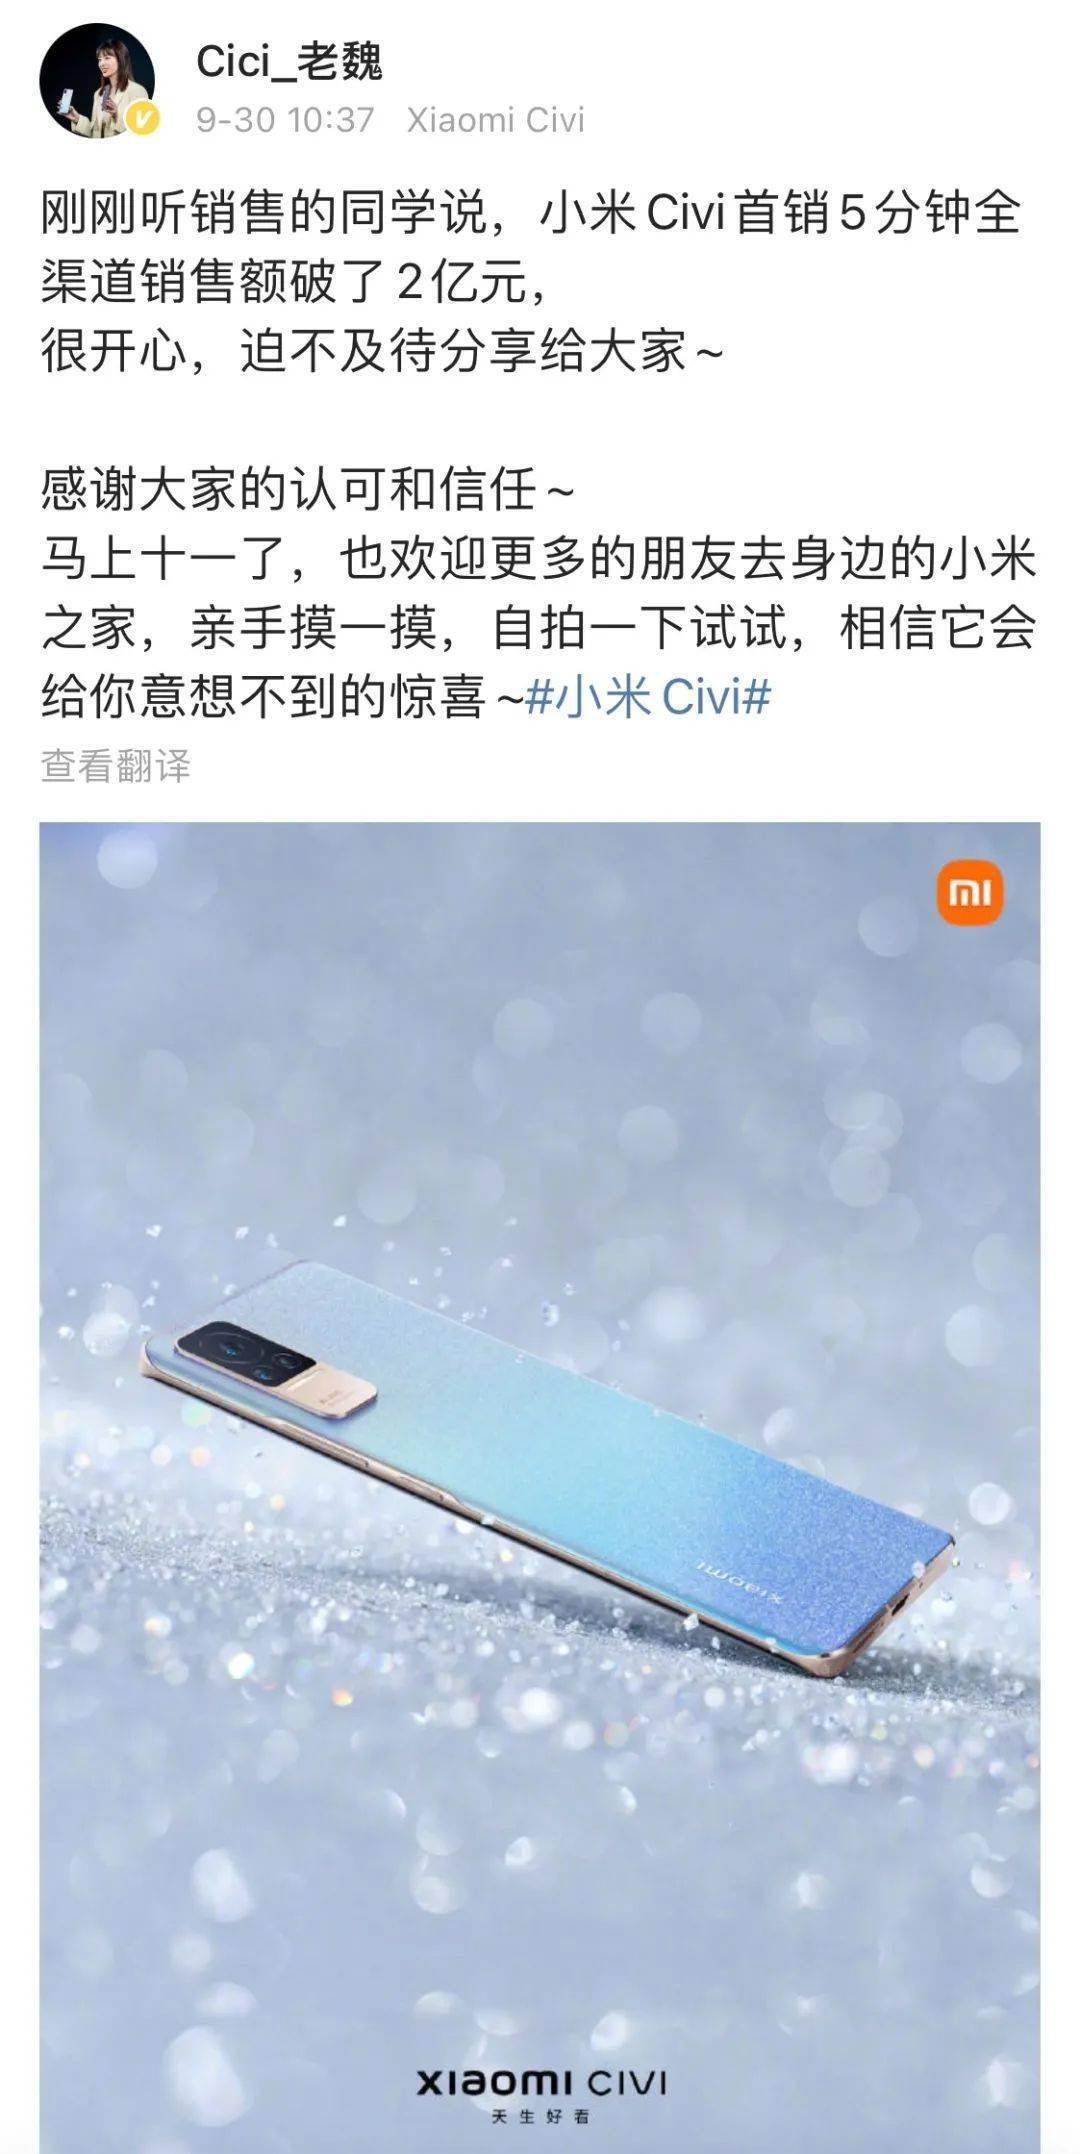 小米Civi首销官方战报破2亿元 2599起你买了吗